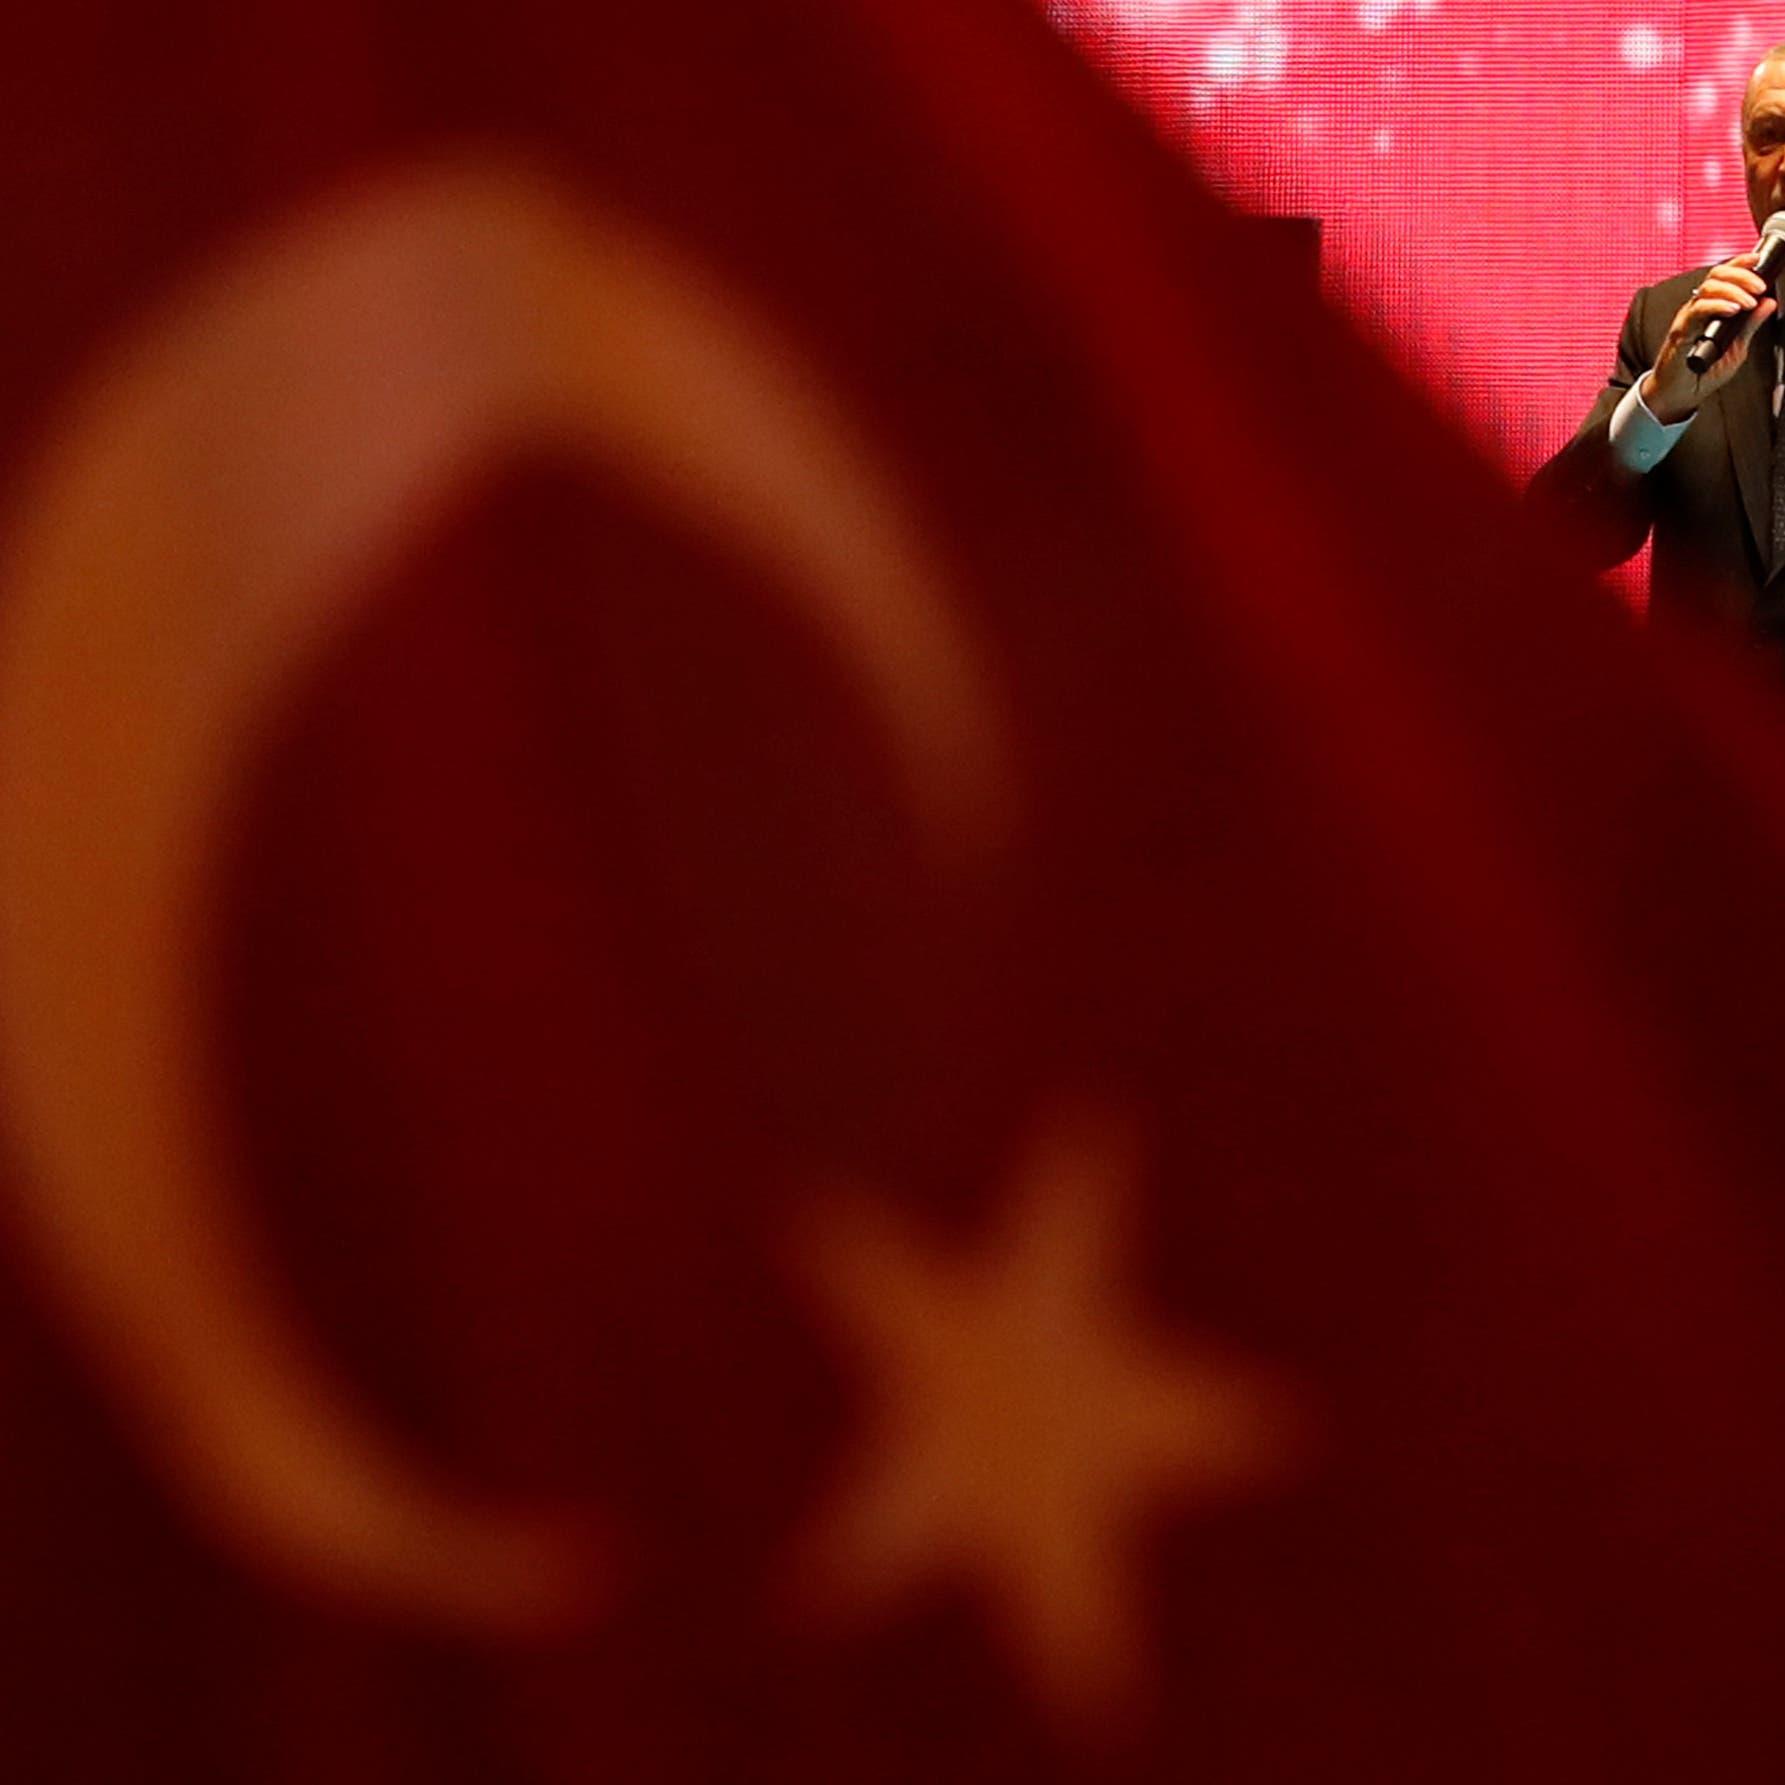 لماذا انهارت الليرة التركية بعد خطاب أردوغان؟